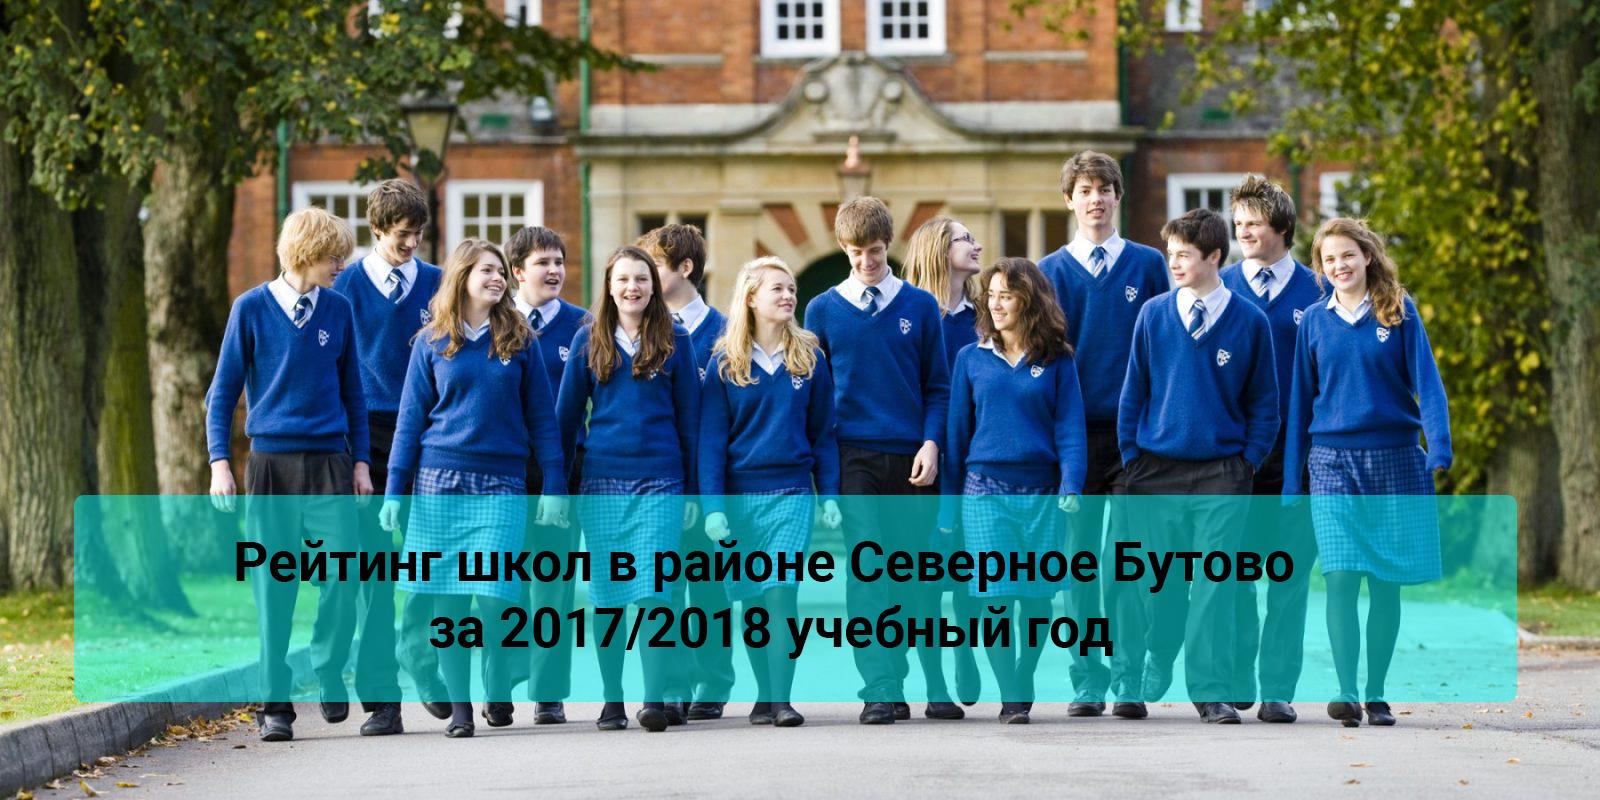 Рейтинг школ в районе Северное Бутово за 2017/2018 учебный год